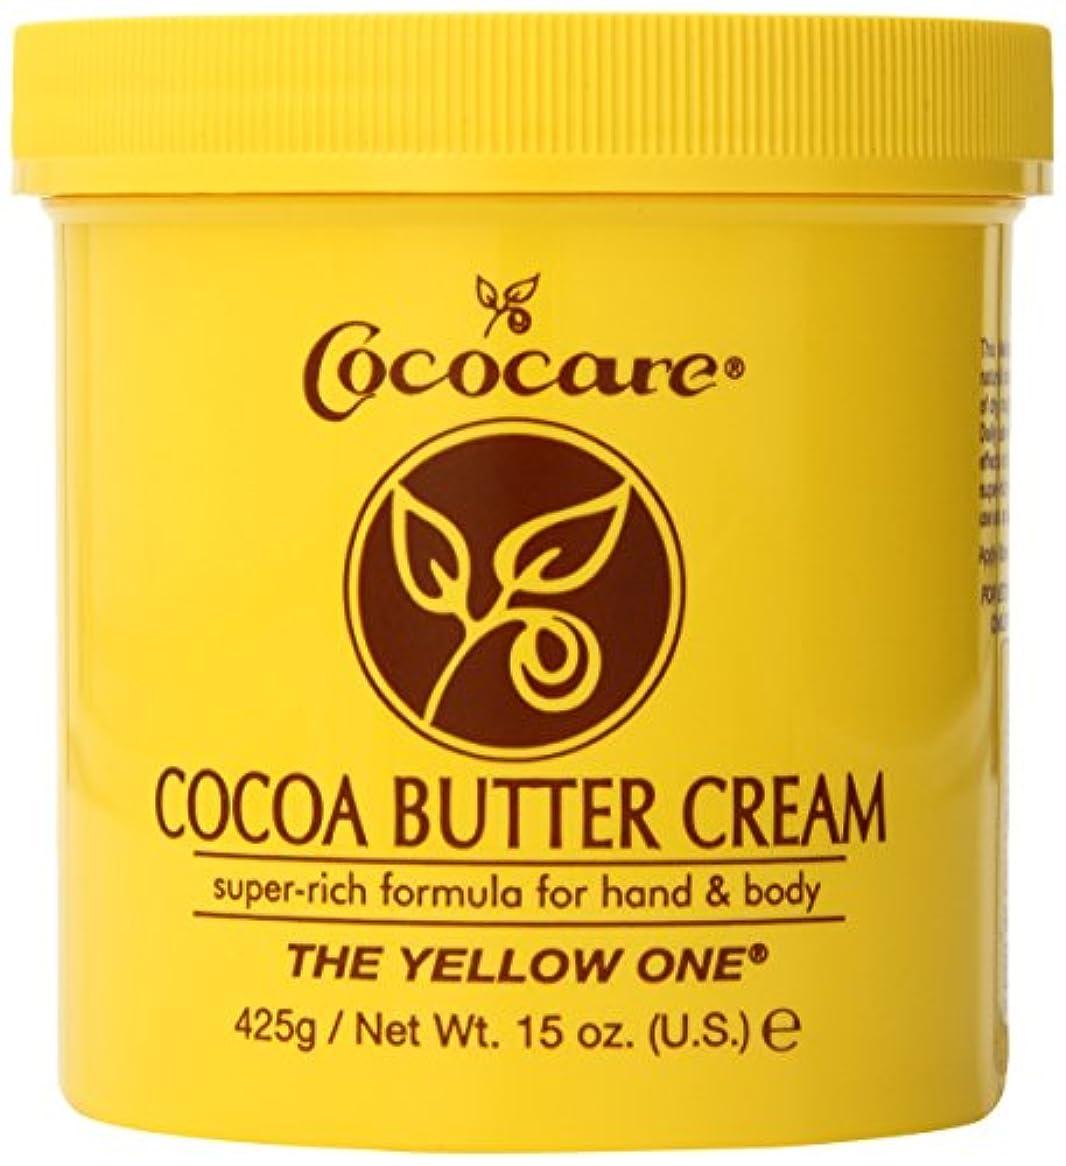 合併症実質的アクセサリーCococare, The Yellow One, Cocoa Butter Cream, 15 oz (425 g)